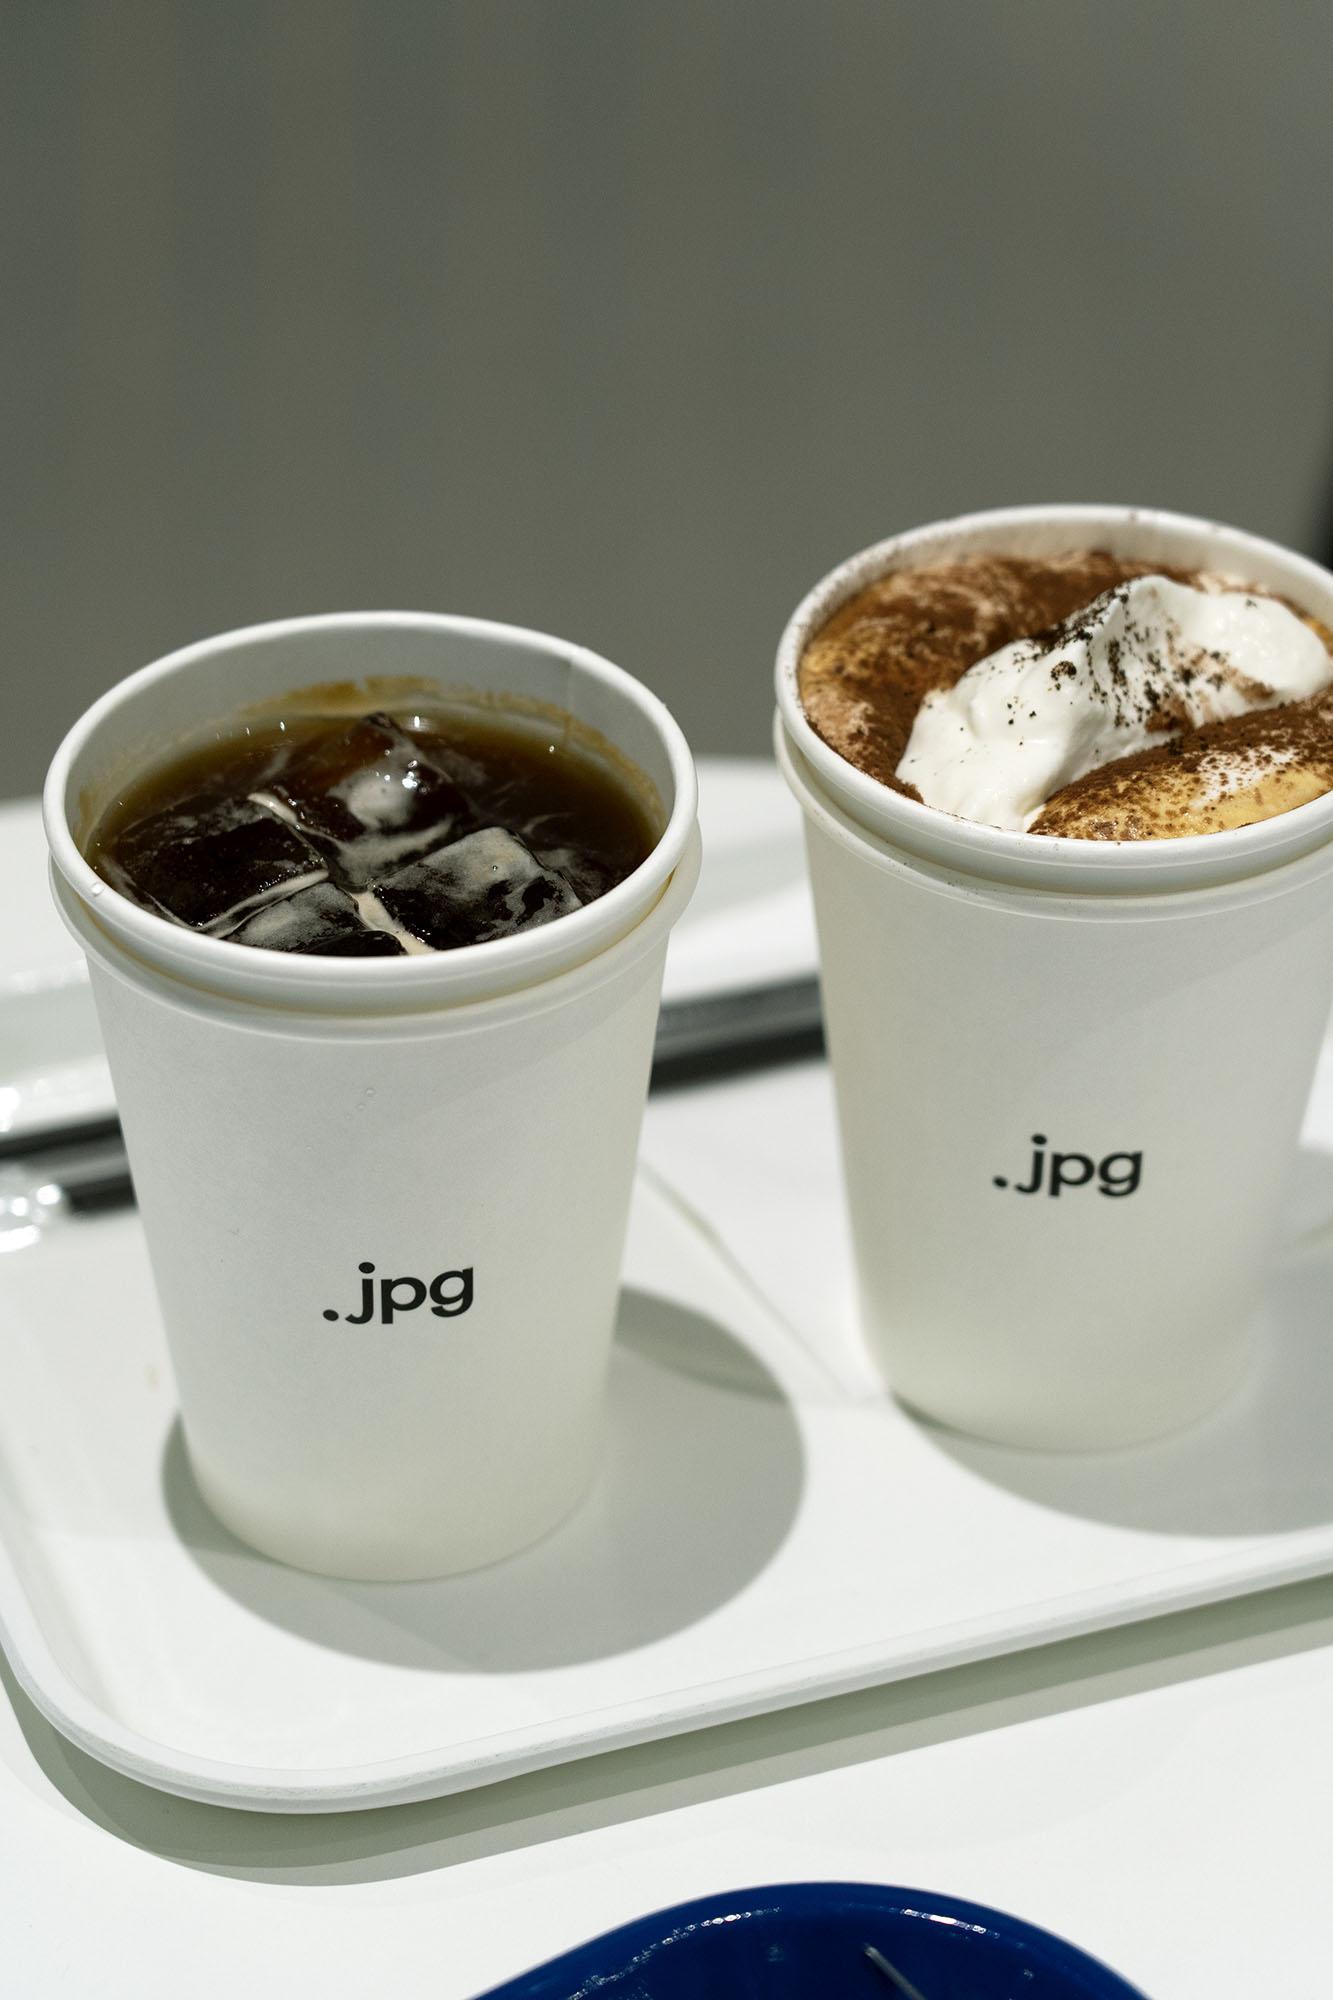 兩個男孩打造的摩登咖啡空間|台北 jpg coffee